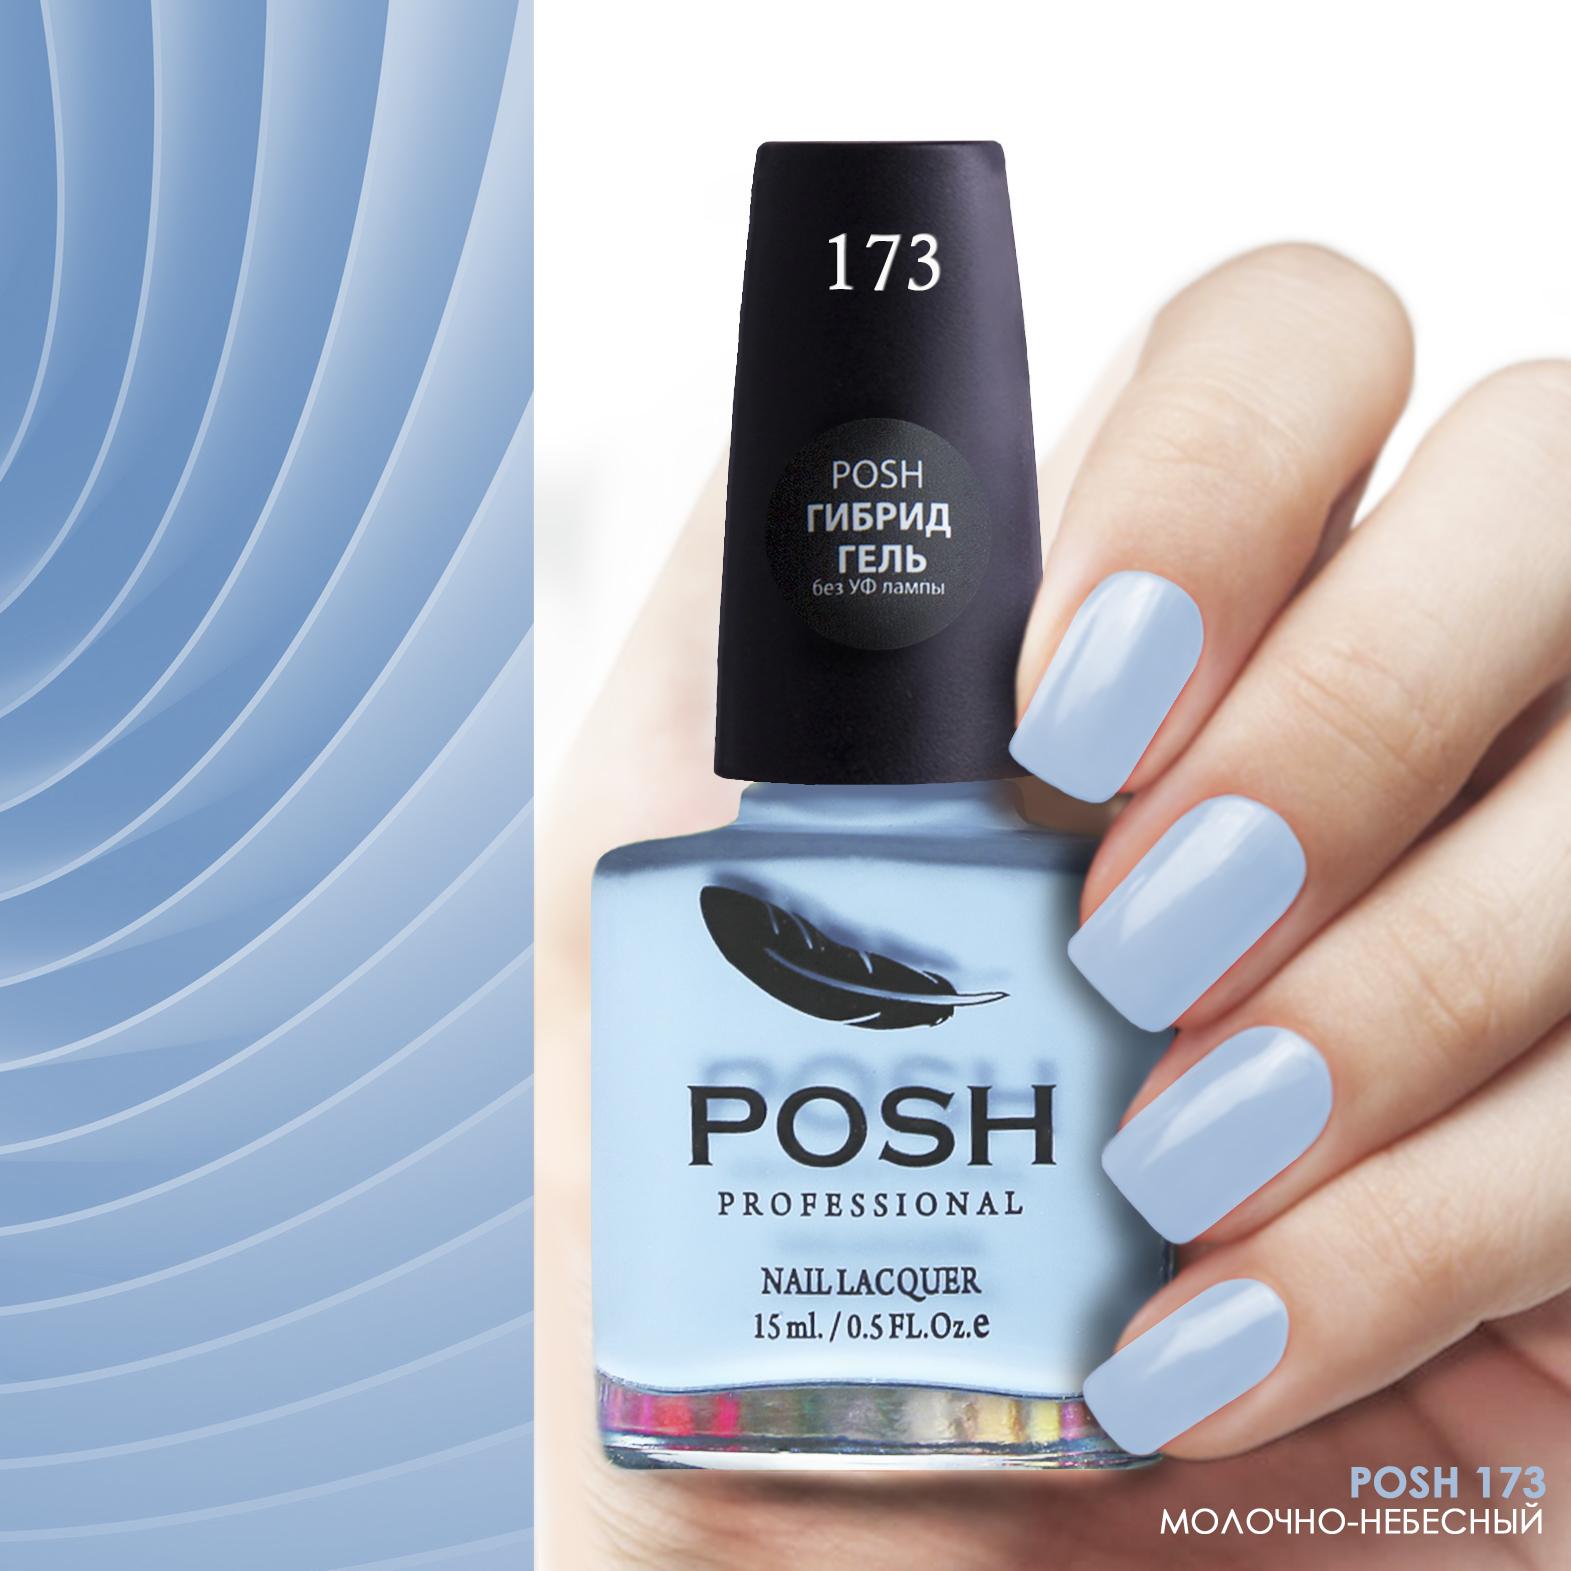 POSH 173 лак для ногтей Молочно-небесный 15мл